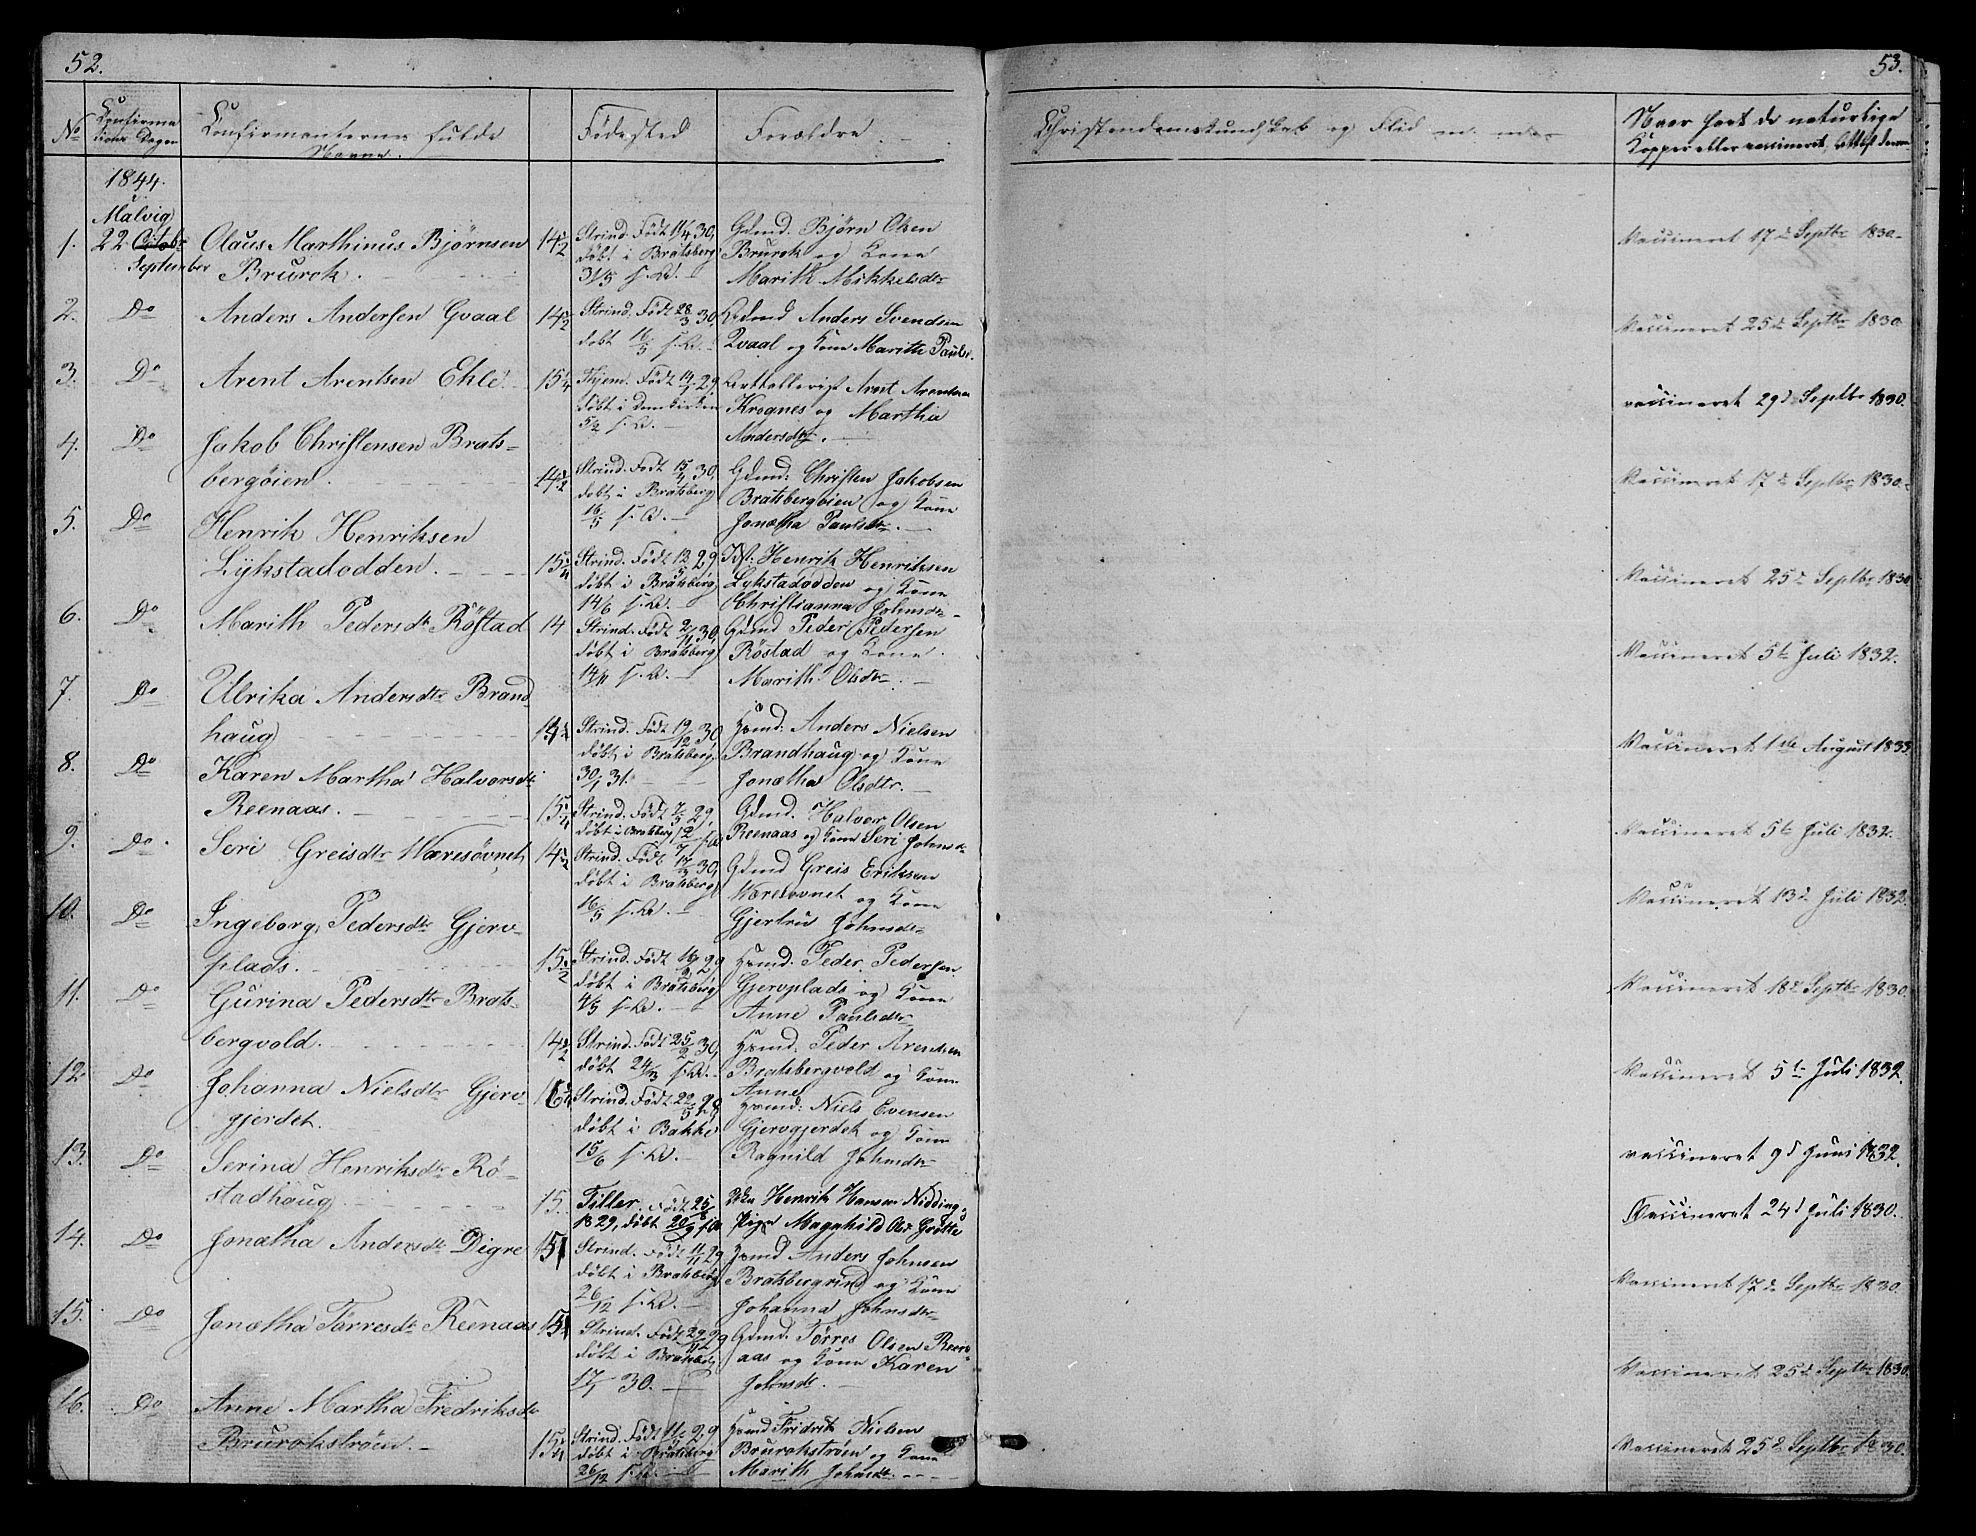 SAT, Ministerialprotokoller, klokkerbøker og fødselsregistre - Sør-Trøndelag, 608/L0339: Klokkerbok nr. 608C05, 1844-1863, s. 52-53